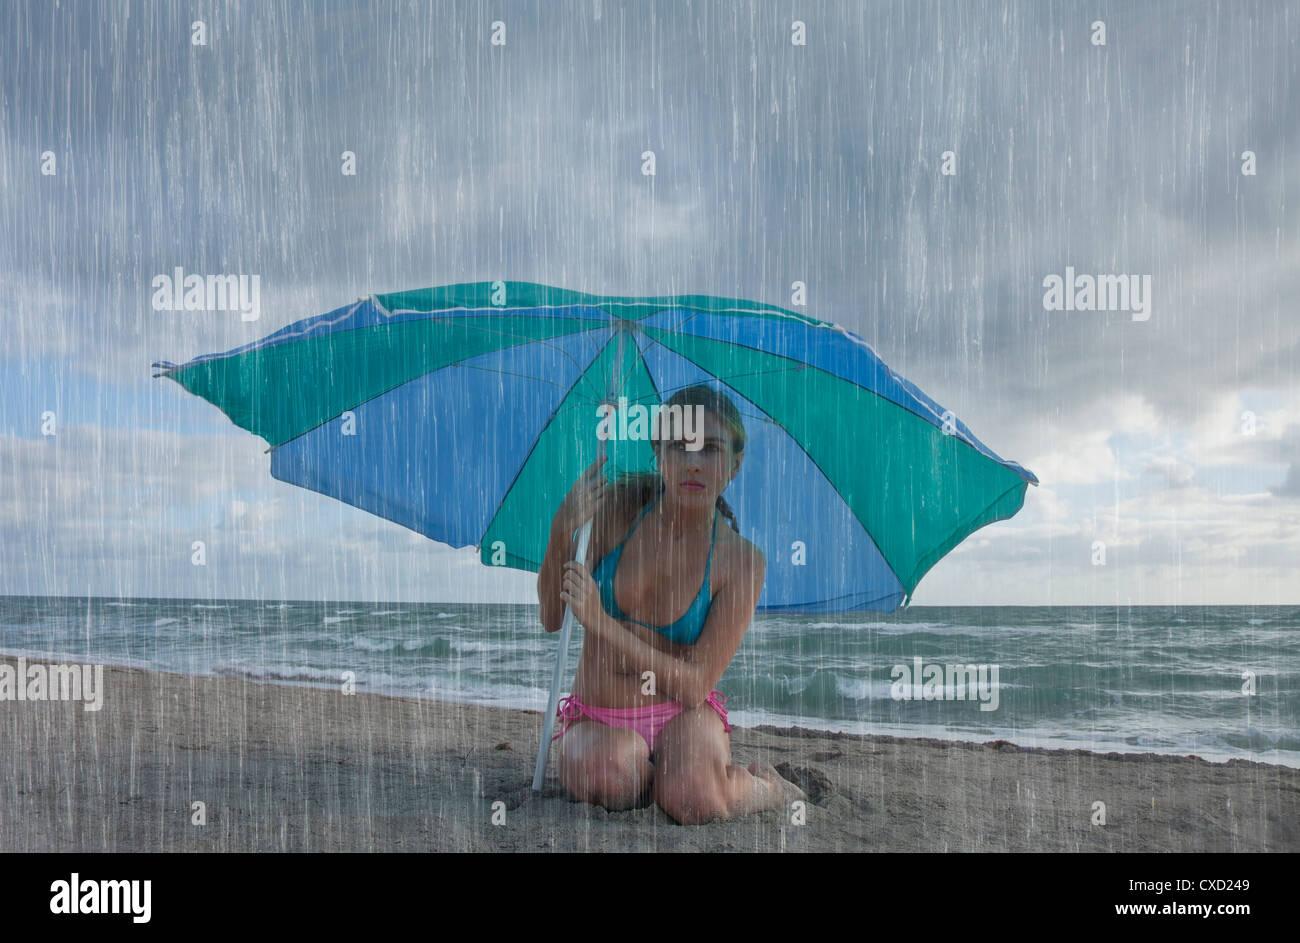 Donna sulla spiaggia in un giorno di pioggia, Florida, Stati Uniti d'America, America del Nord Immagini Stock